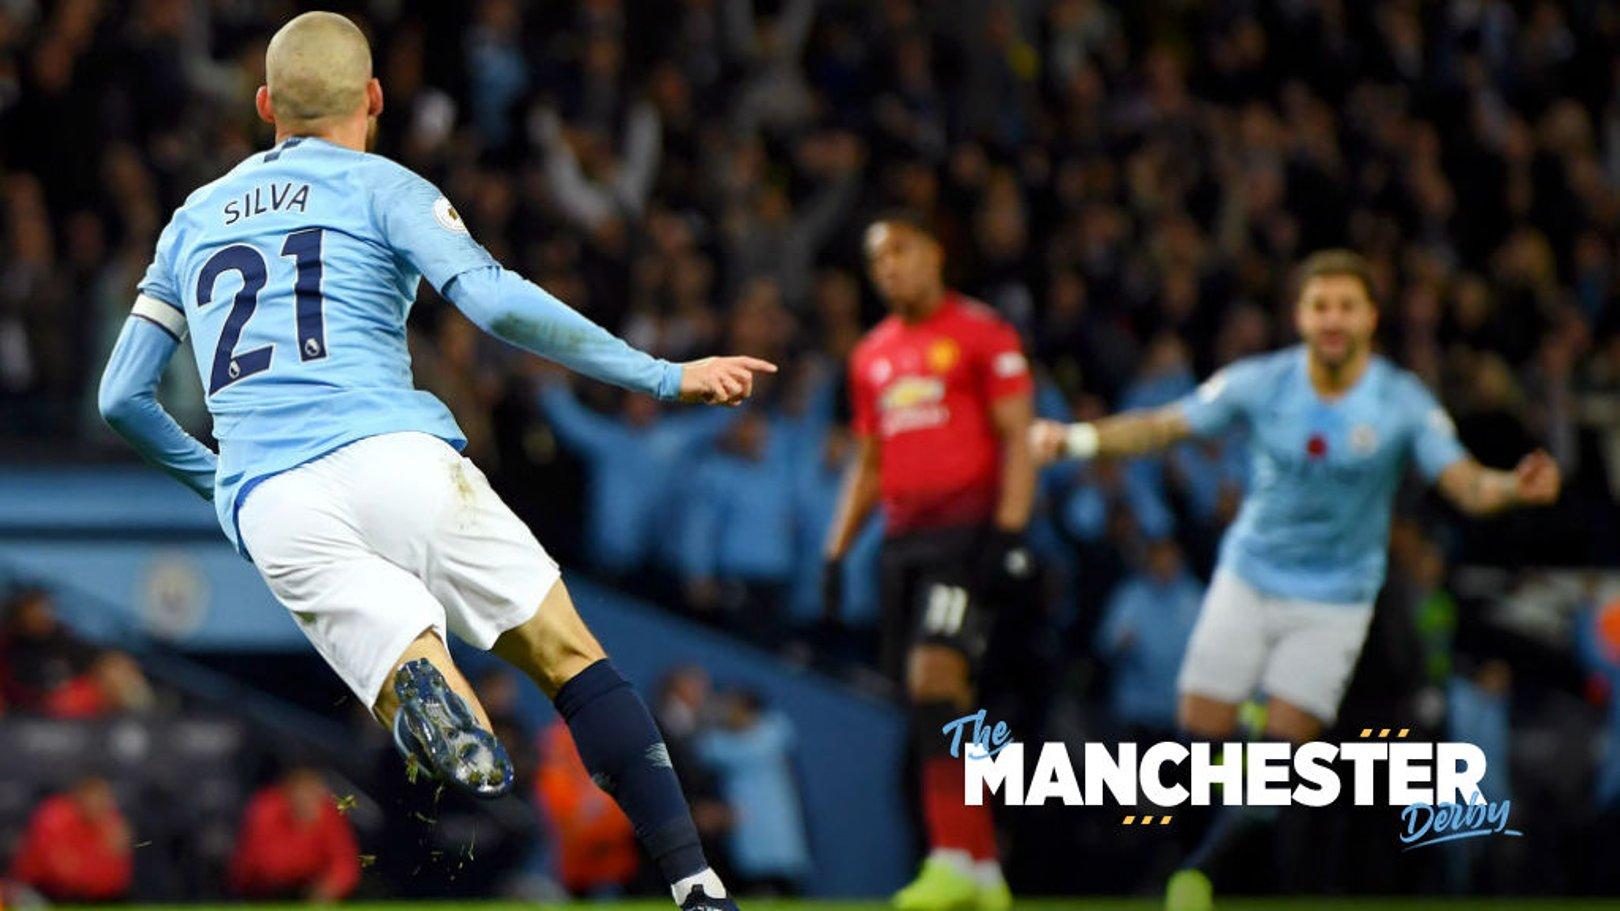 Silva salvo: David Silva's derby highlights